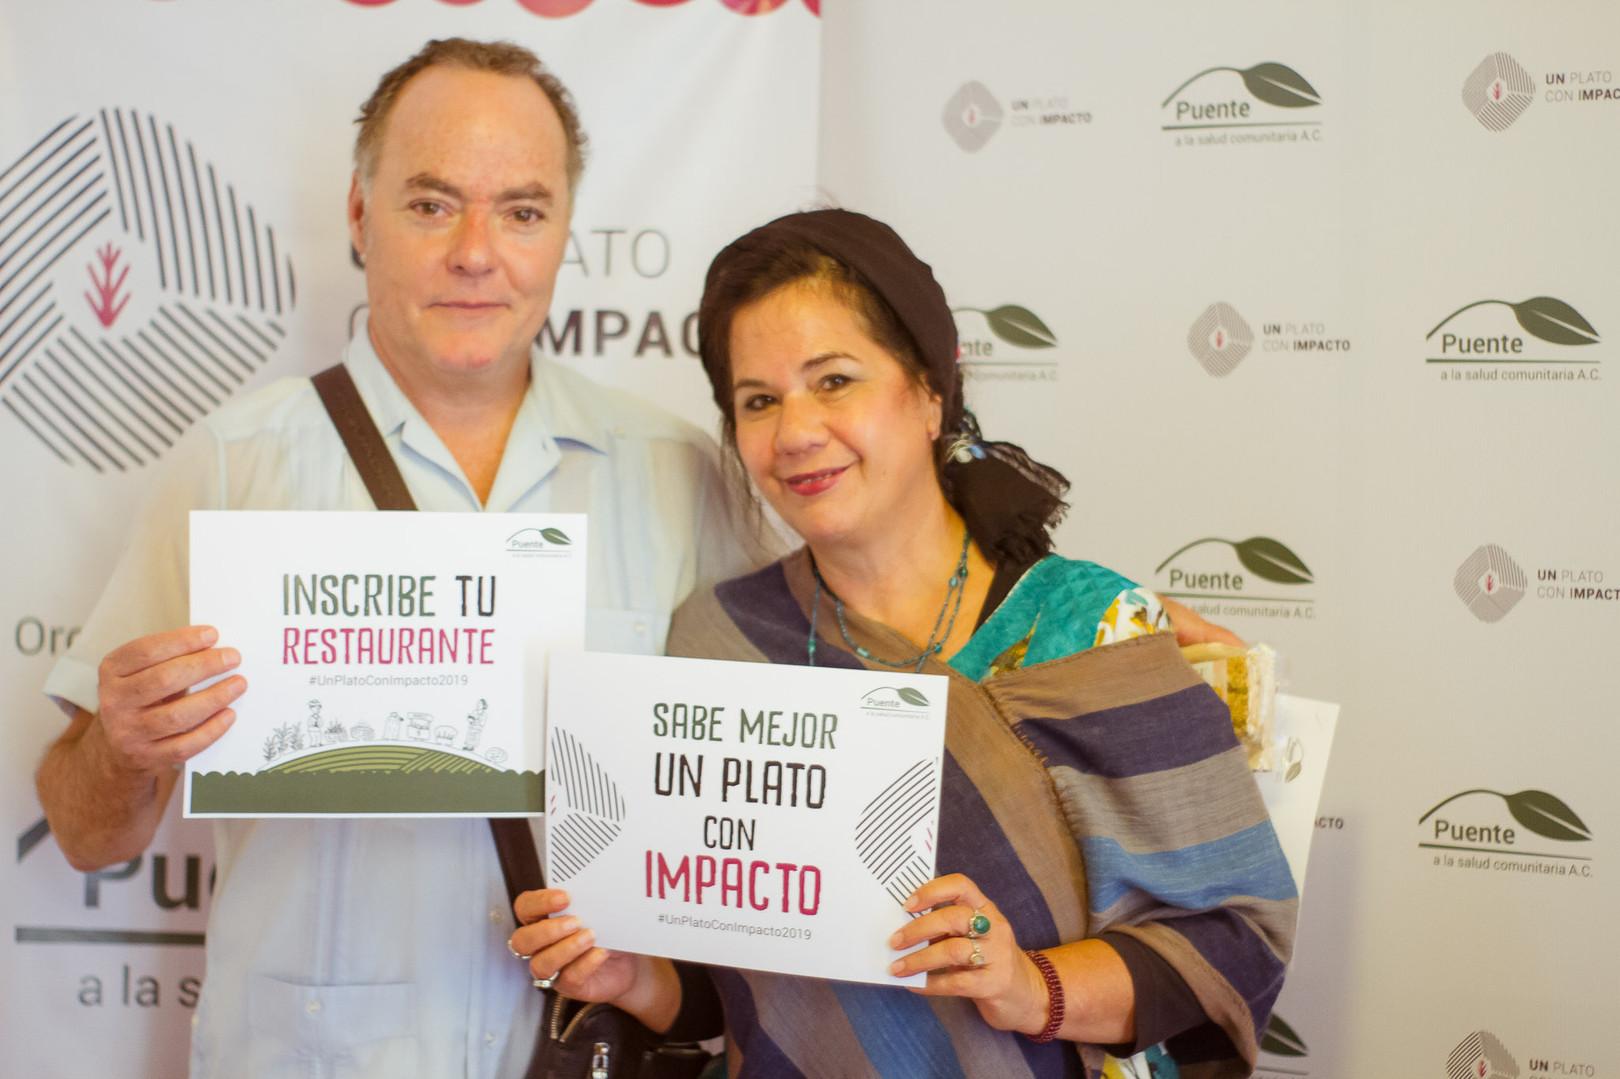 Gracias Seasons of my Heart y Los Danzantes, al unirse como restaurantes solidarios.